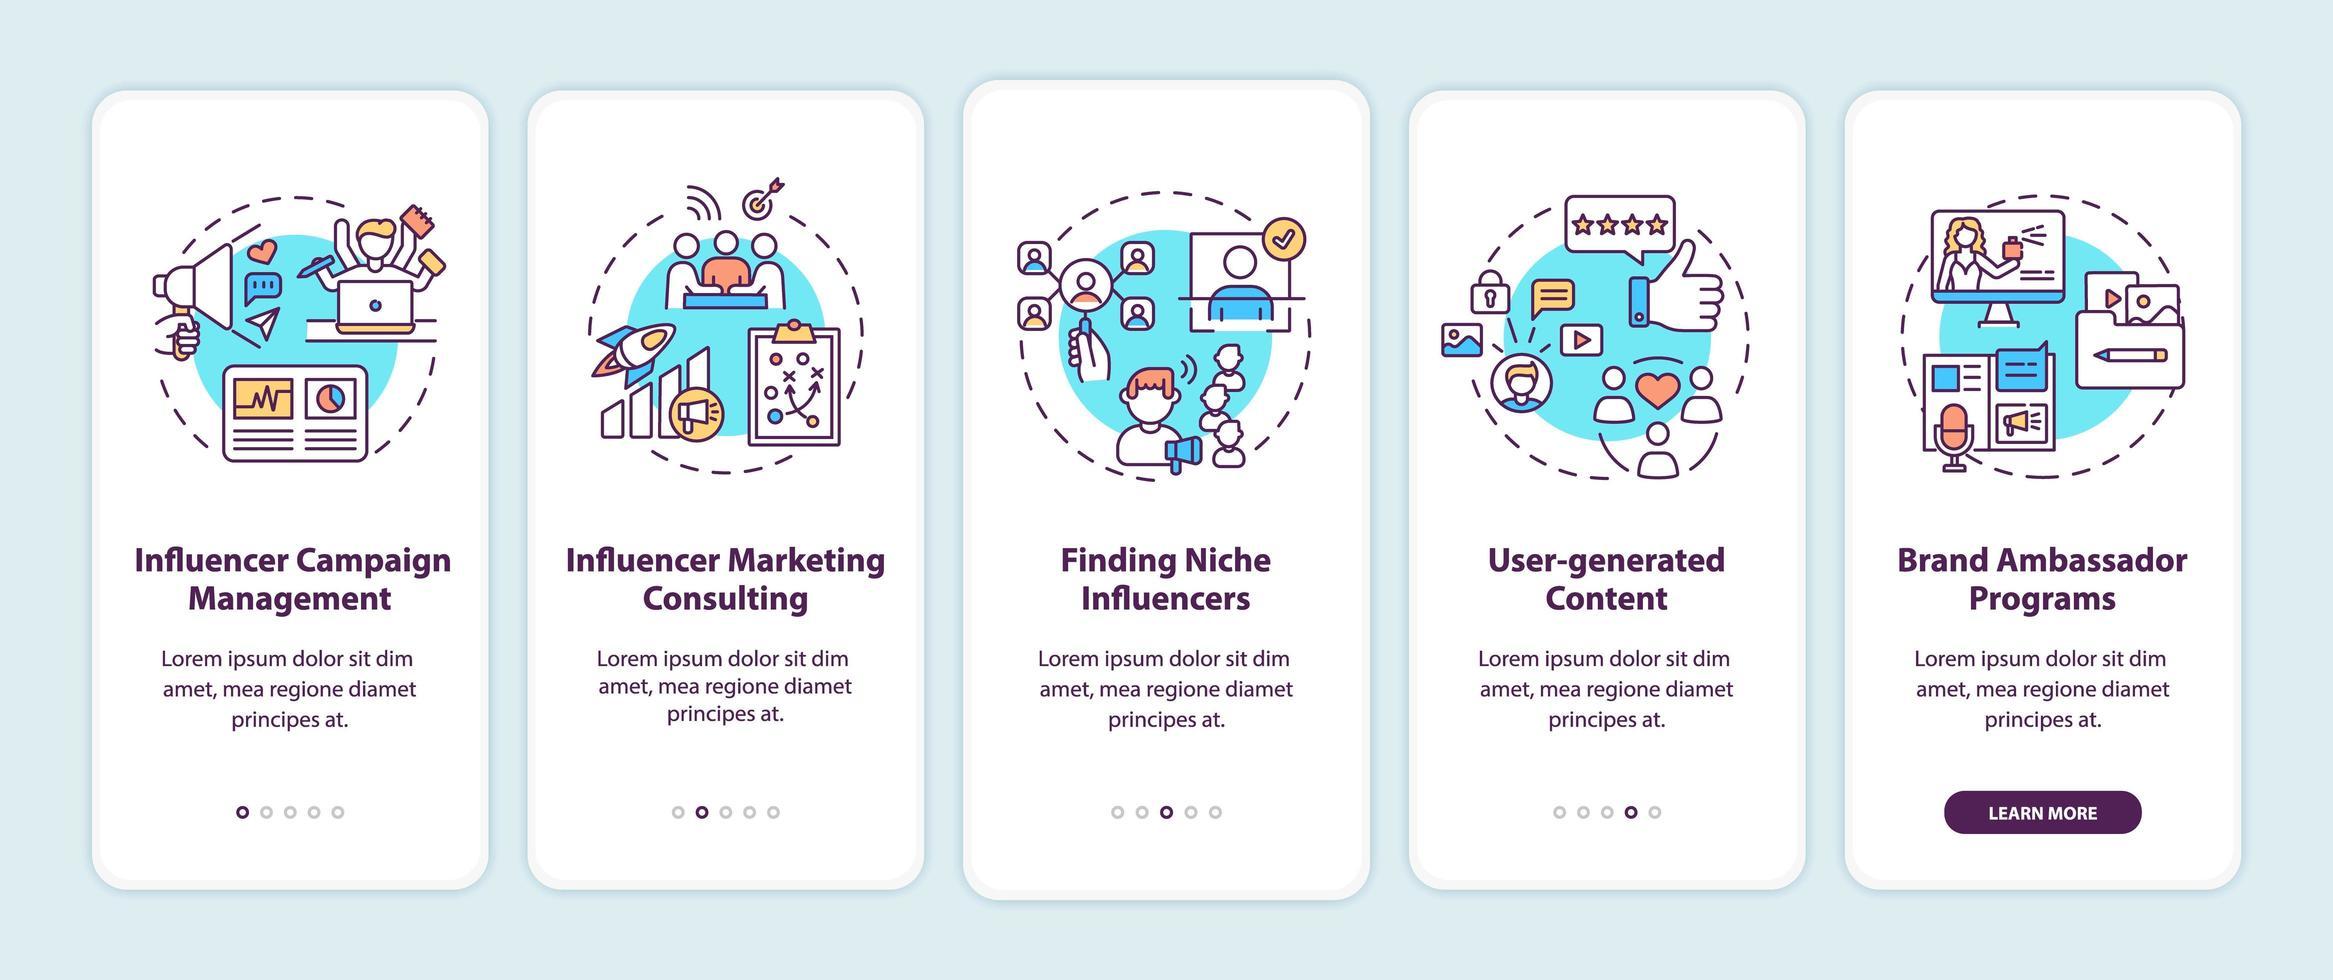 servizi di agenzia di marketing influencer onboarding schermata della pagina dell'app mobile con concetti vettore